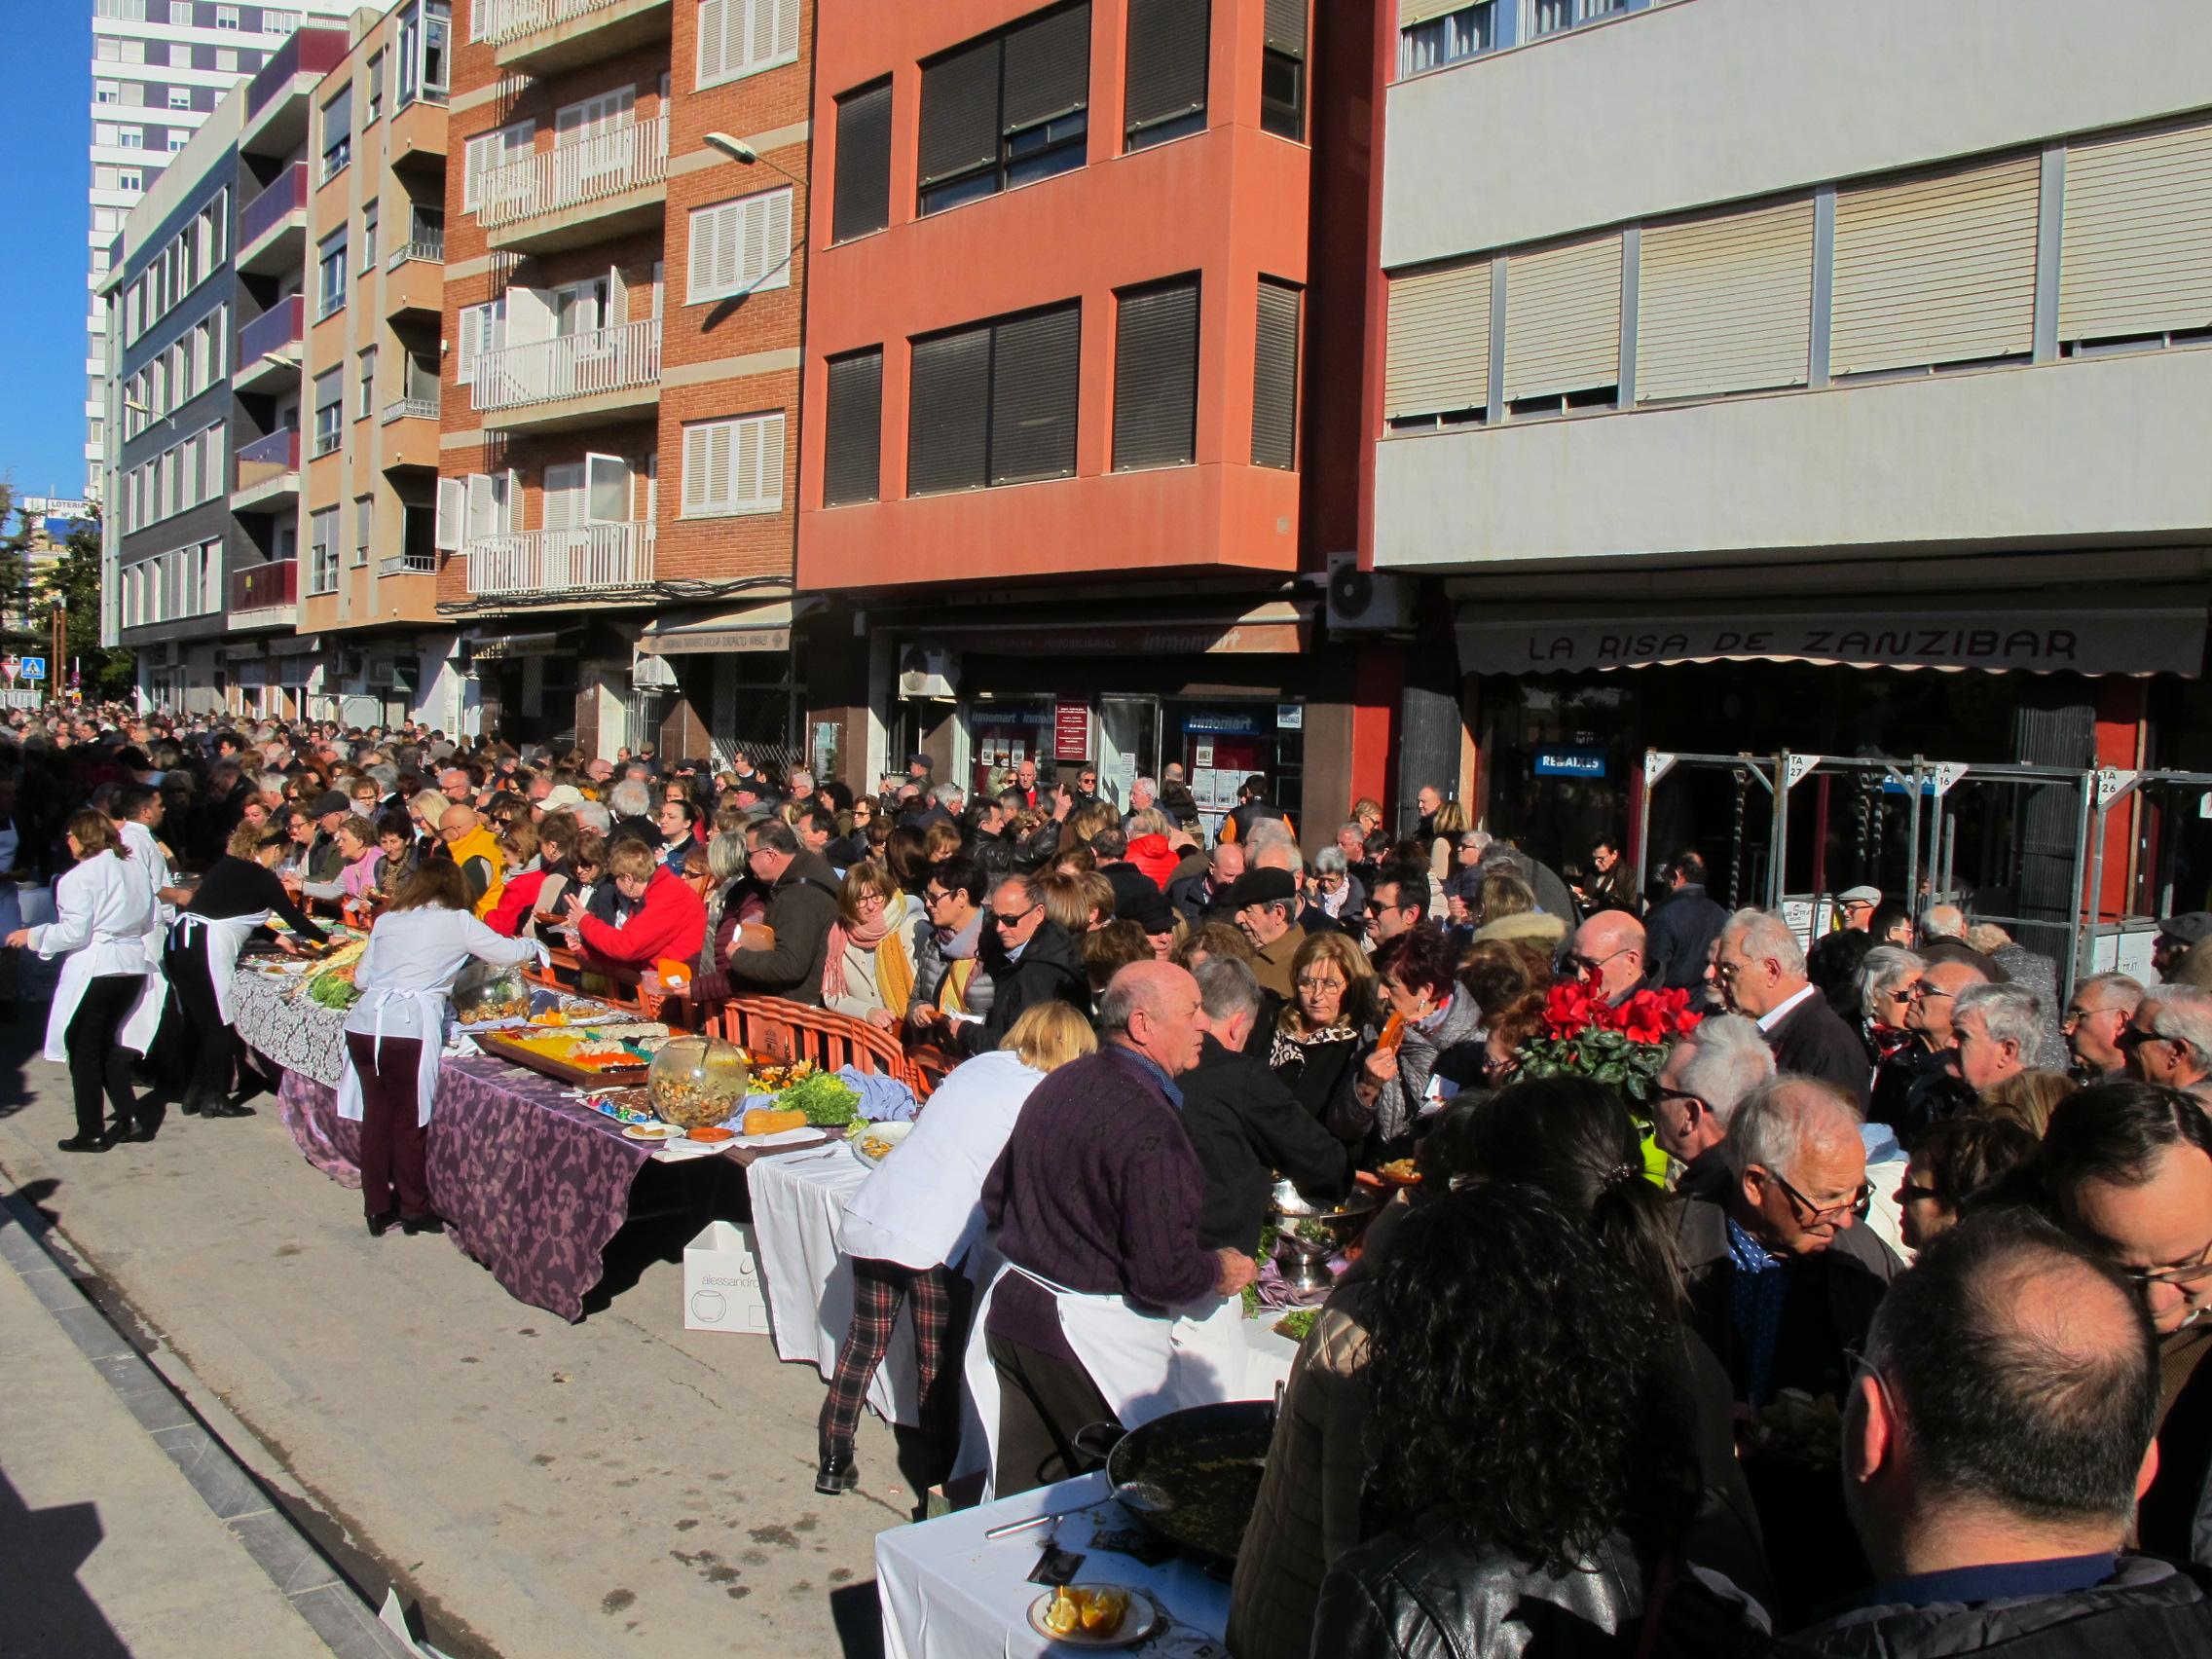 Benicarló prepara una multitud d'actes per homenatjar la carxofa en els seus dies grans